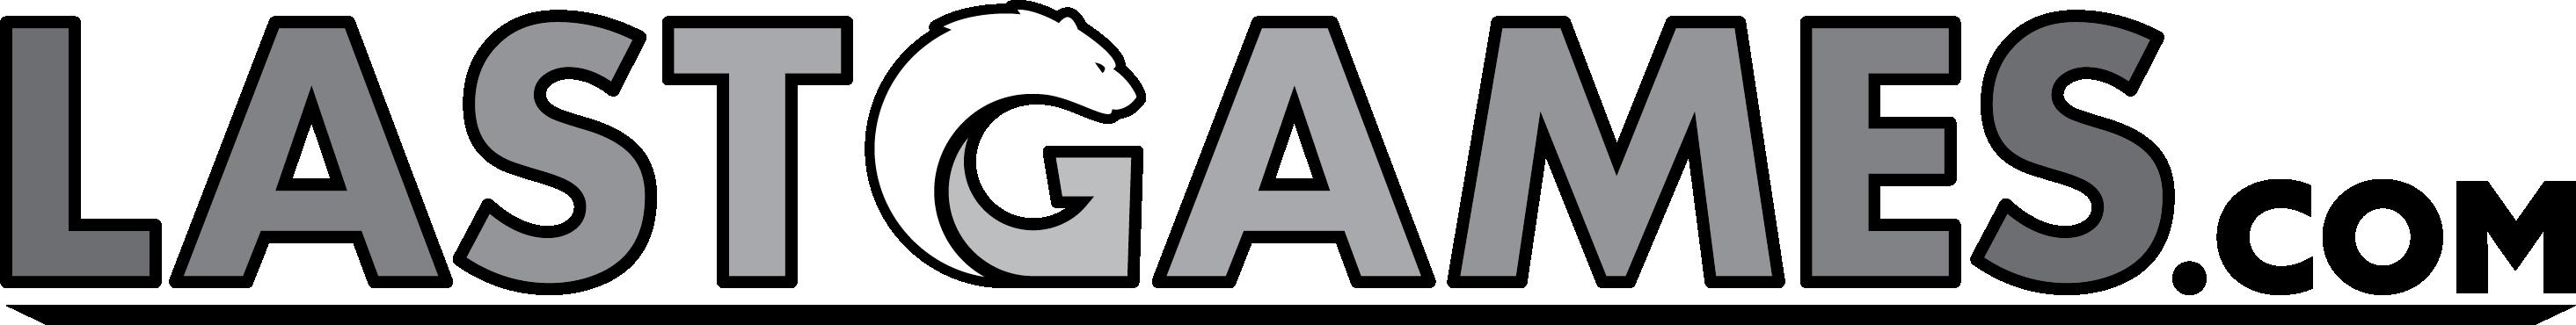 LastGames.com Logo